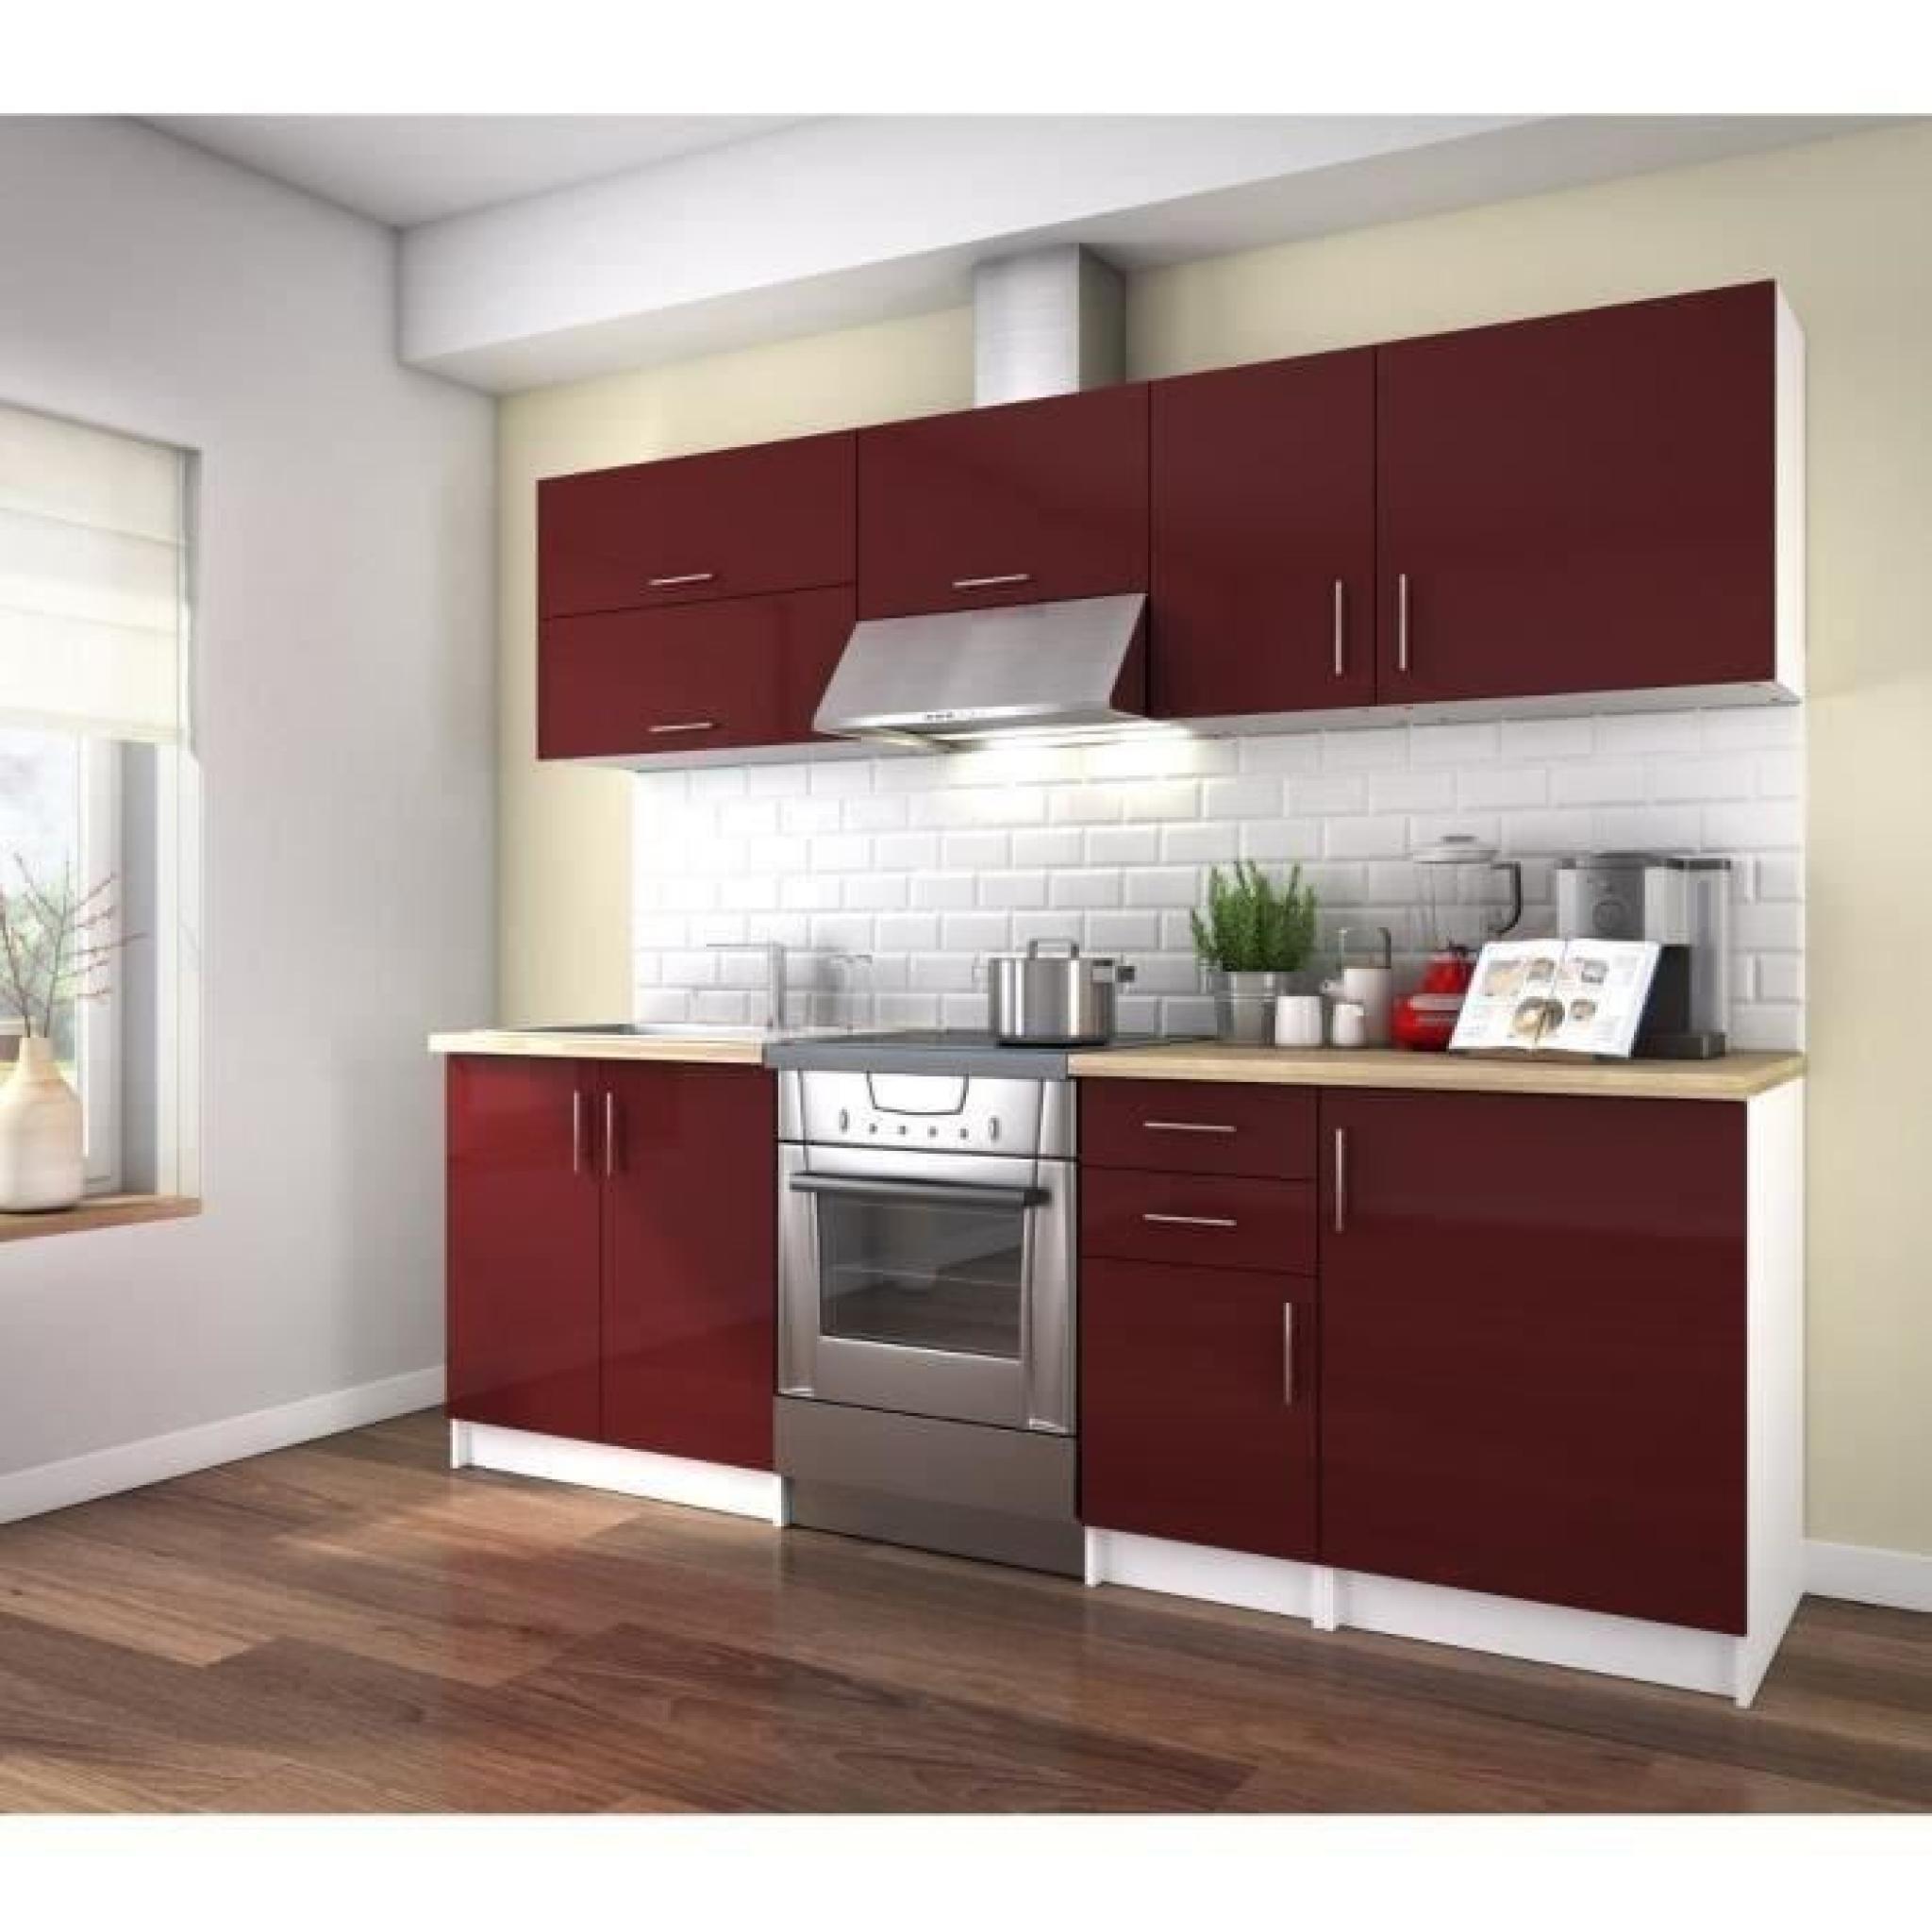 acheter une cuisine pas cher acheter une cuisine avec acheter une cuisine pas cher meuble. Black Bedroom Furniture Sets. Home Design Ideas